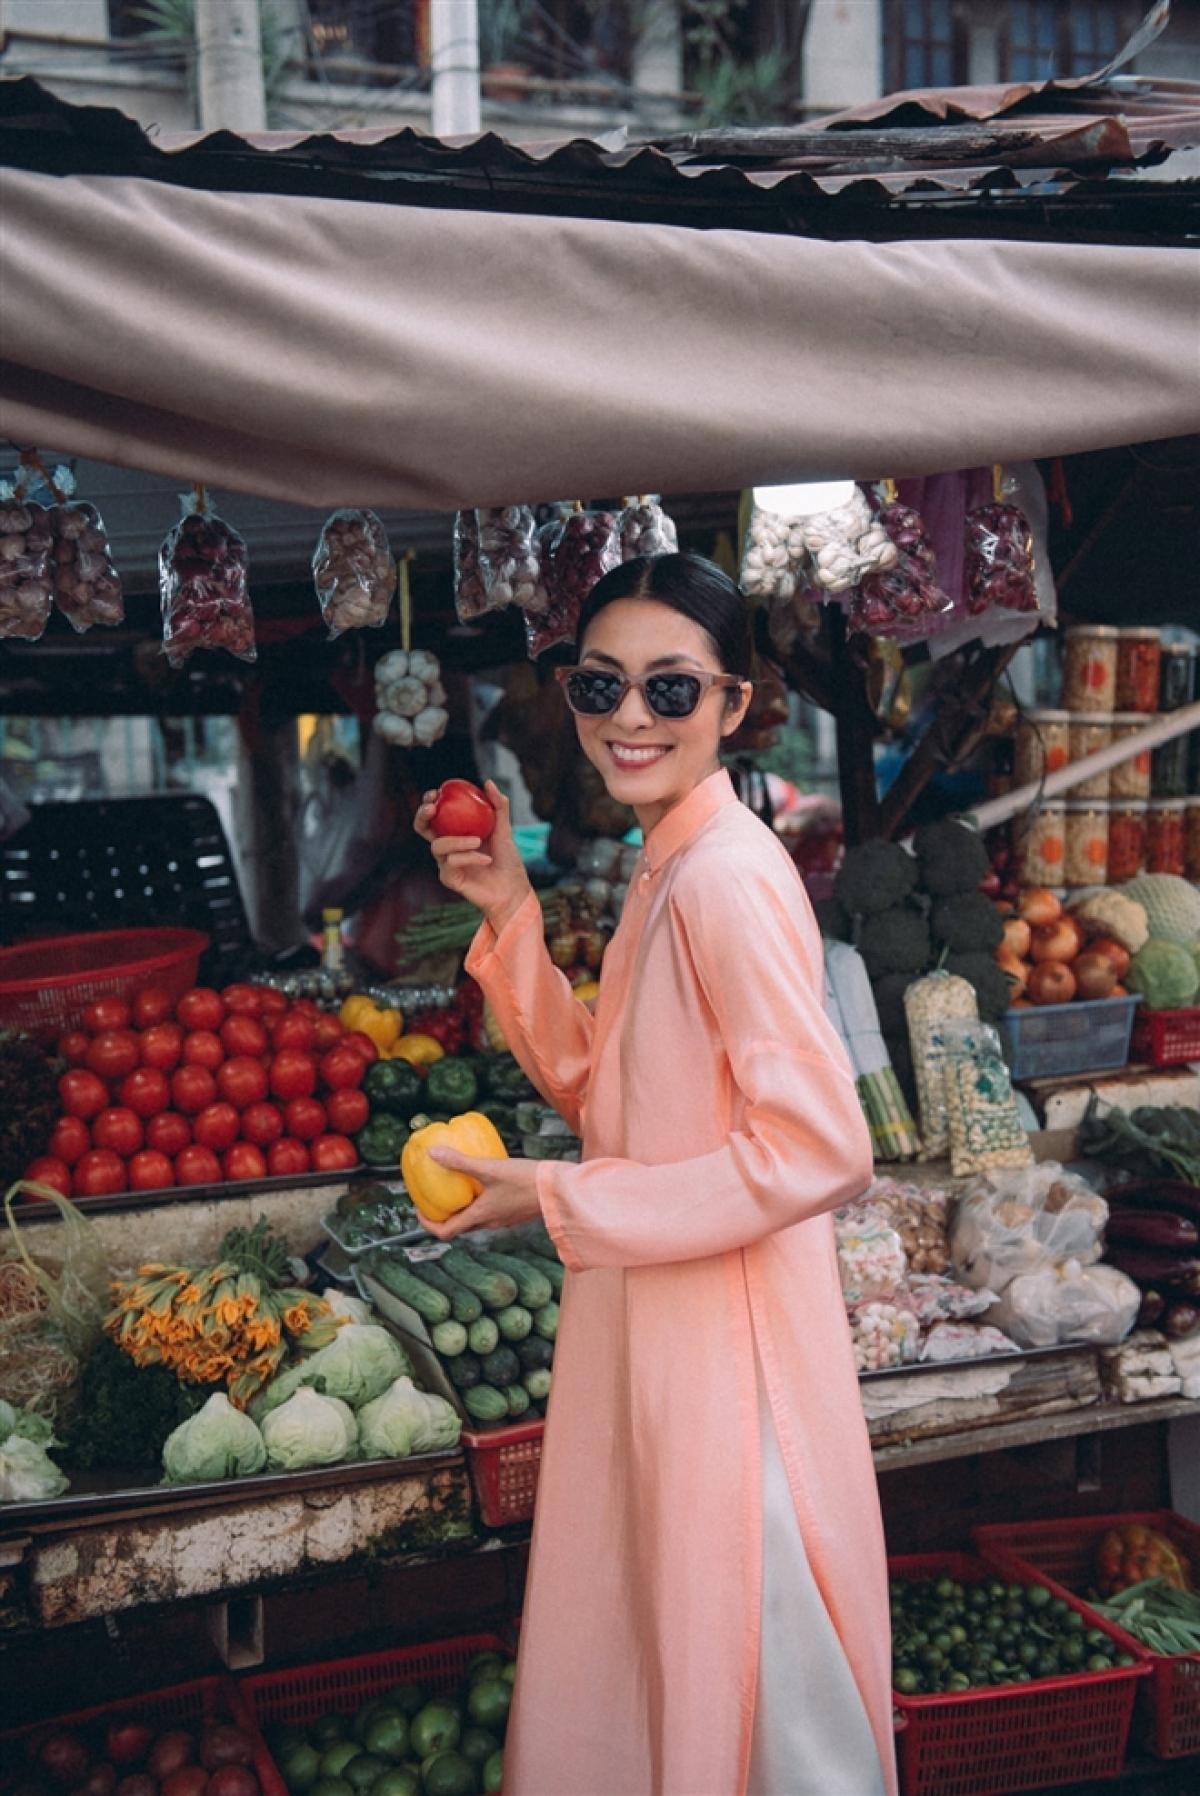 Tăng Thanh Hà chọn áo dài xưa truyền thống với chất liệu màu cam đào pastel. Cô kết hợp cùng kính râm thời thượng.